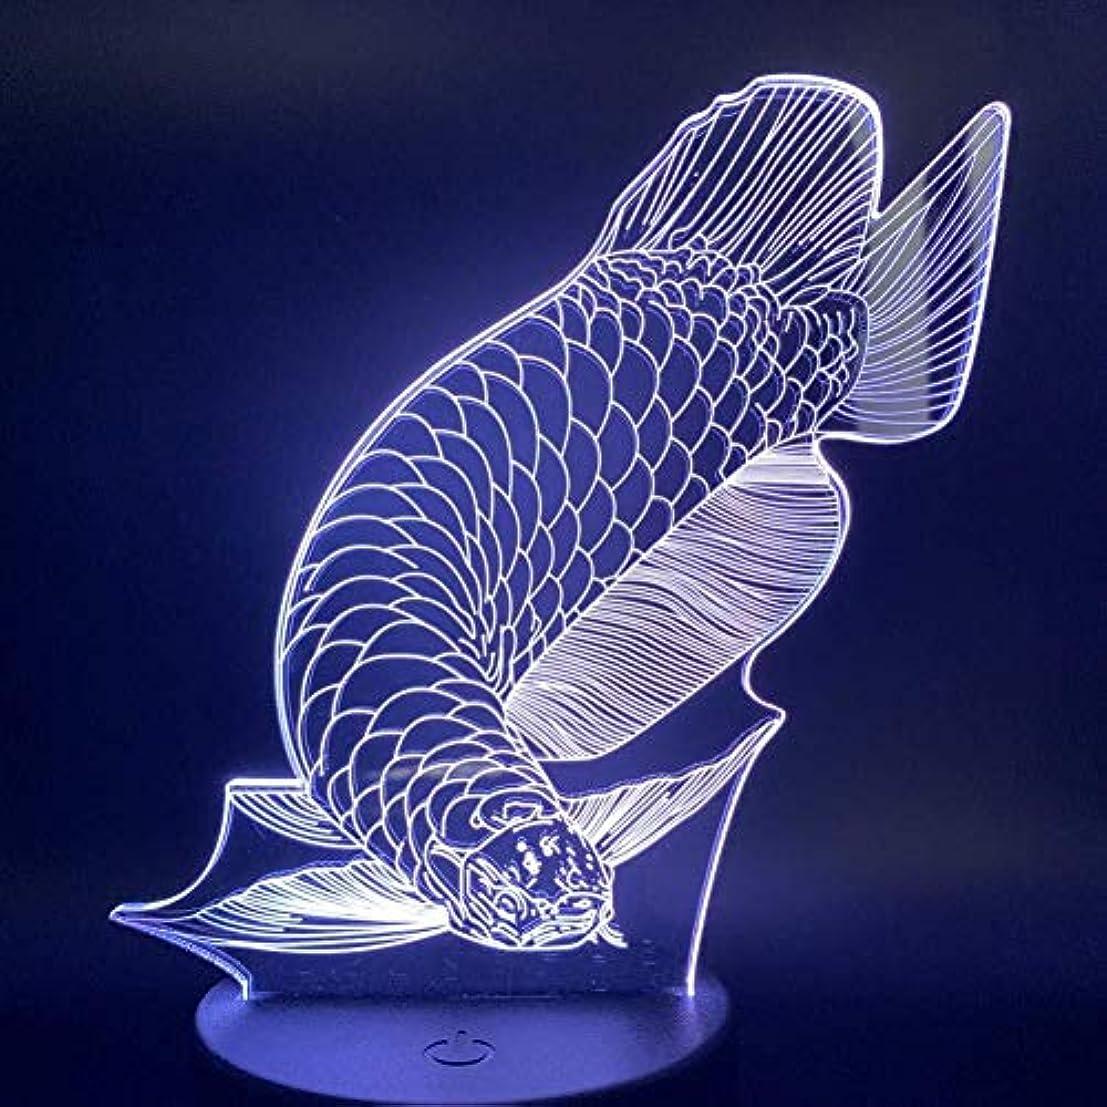 任命保安必要条件3Dイリュージョンランプラブリー魚ナイトライトキッズギフトリビングルーム動物ランプNightlights子供のギフト装飾LEDナイトライト